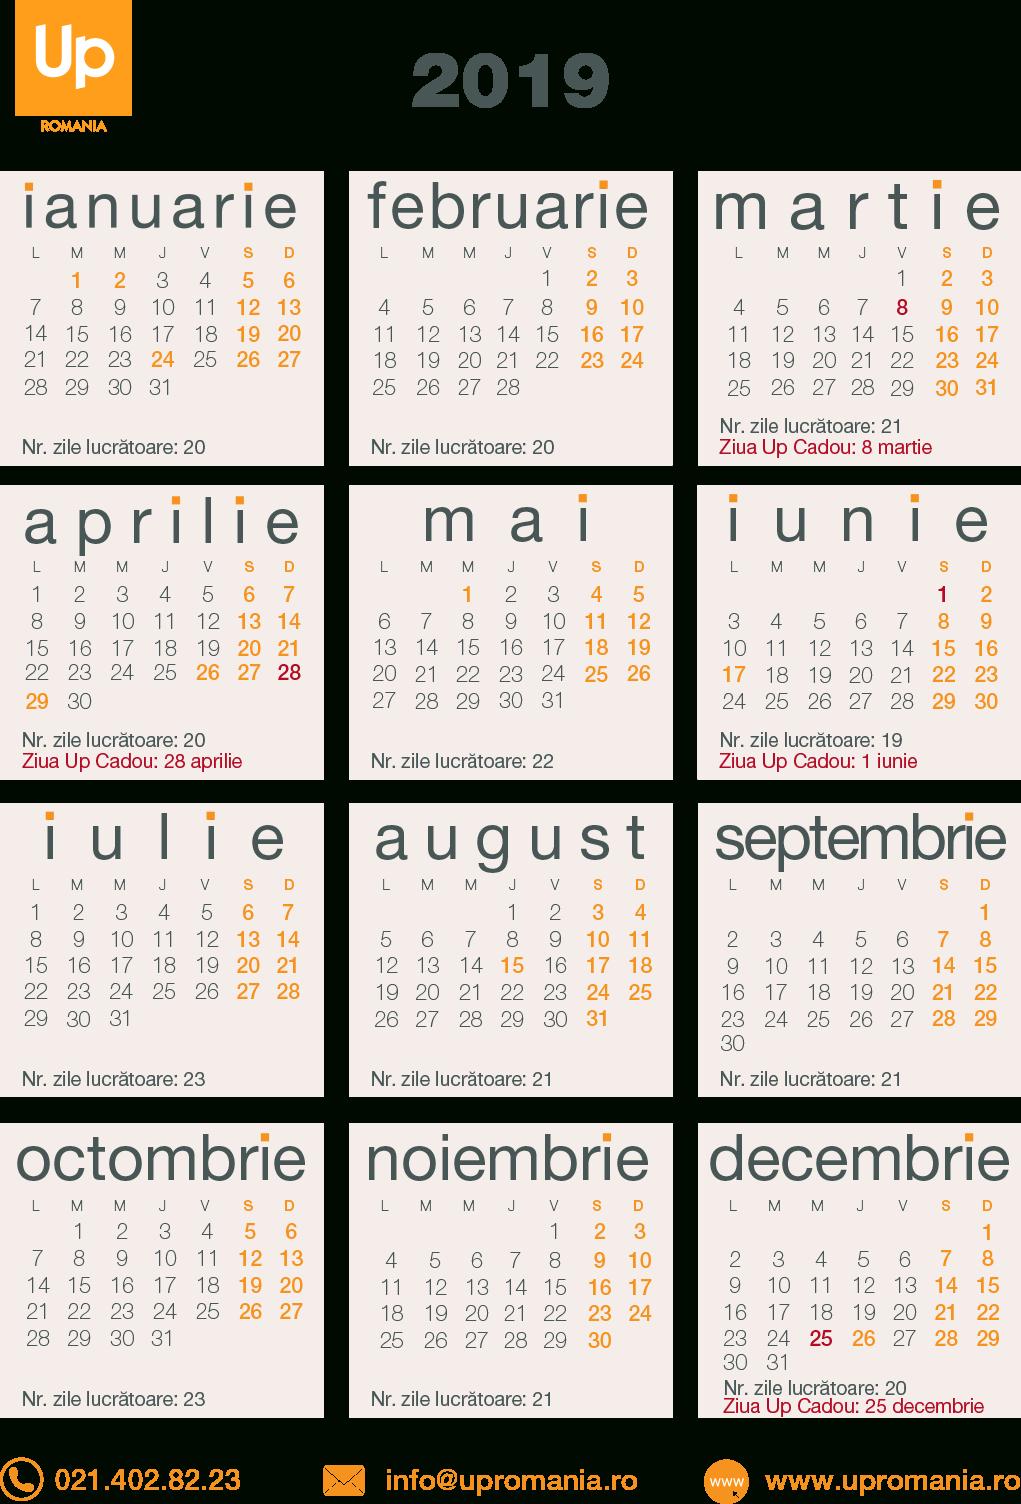 Calendar Zile Lucratoare 2020 | Up Romania in Calendar 2020 Zile Lucratoare